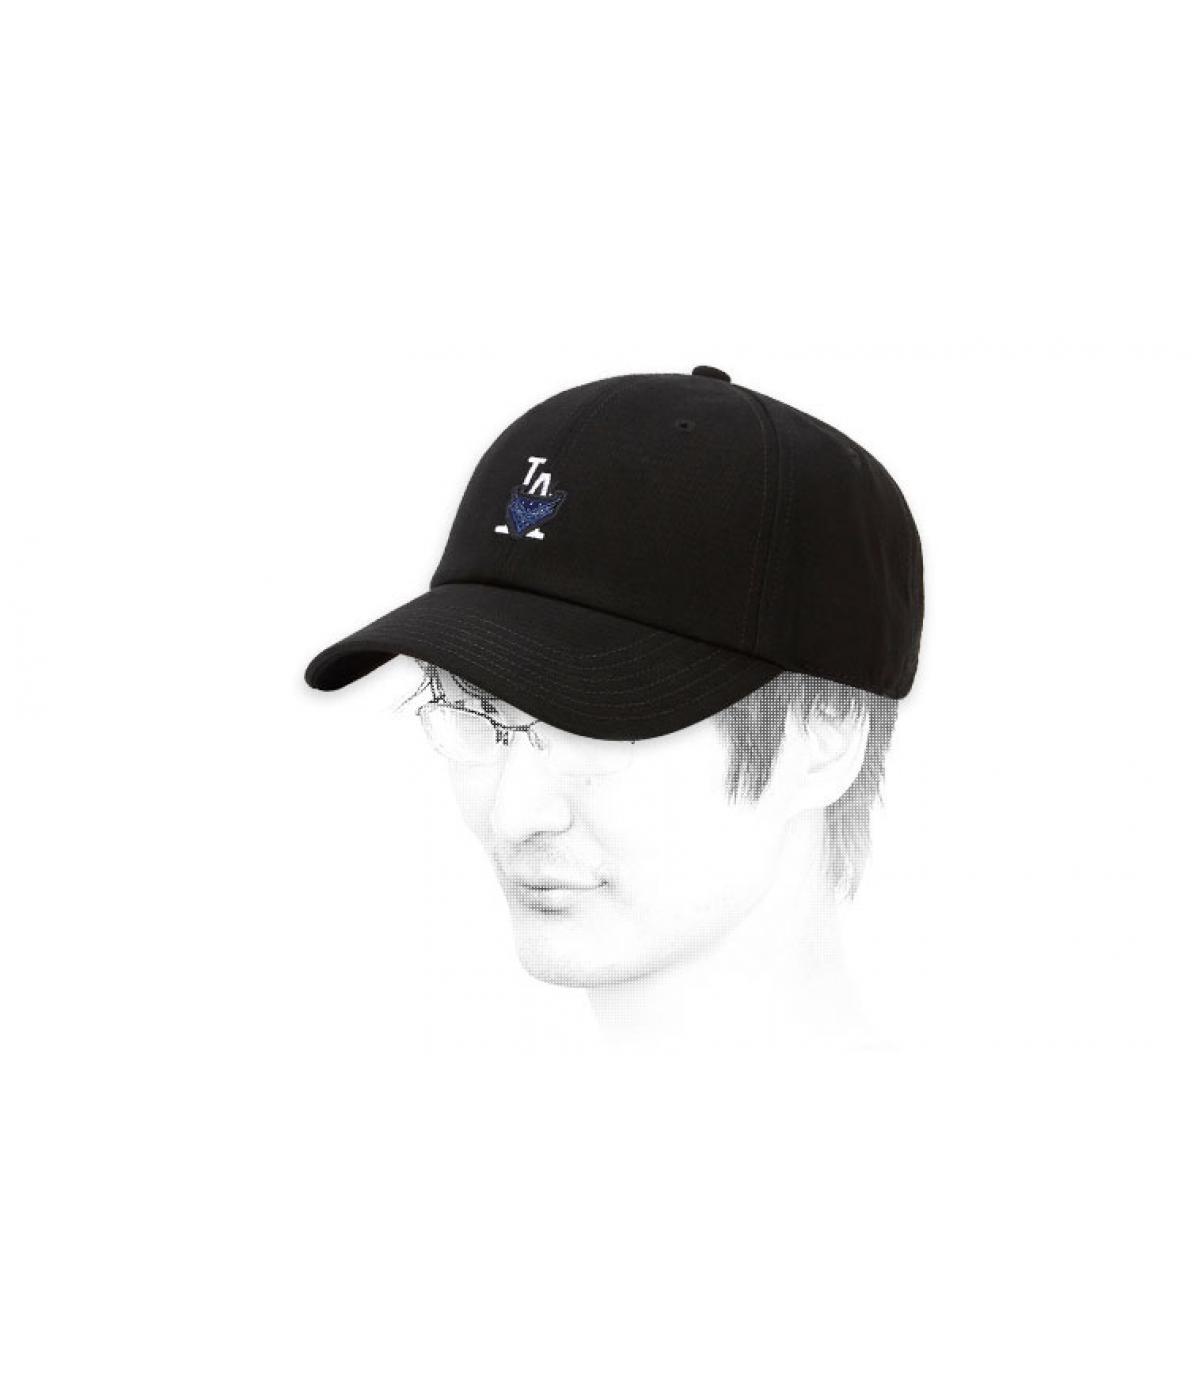 black LA bandana cap